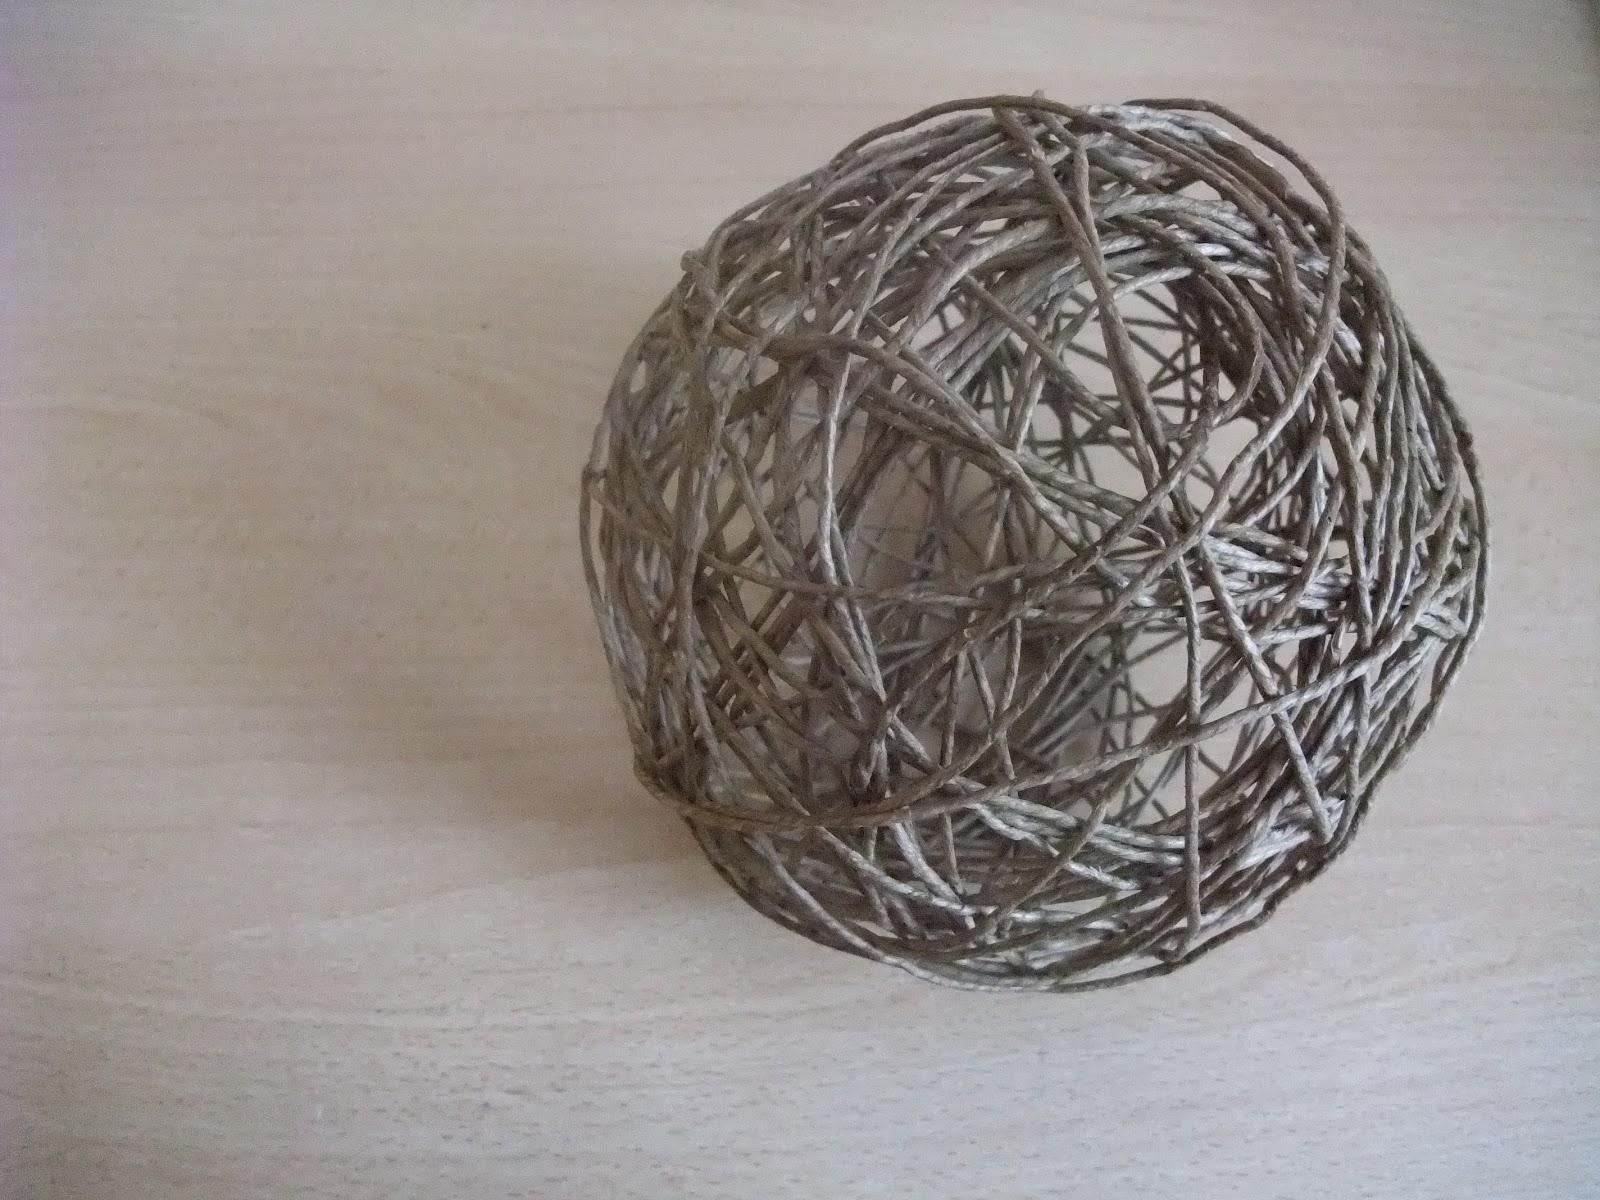 Lampadario Filo Di Ferro Fai Da Te : Lampadario con filo di ferro lampadario filo di ferro fai da te